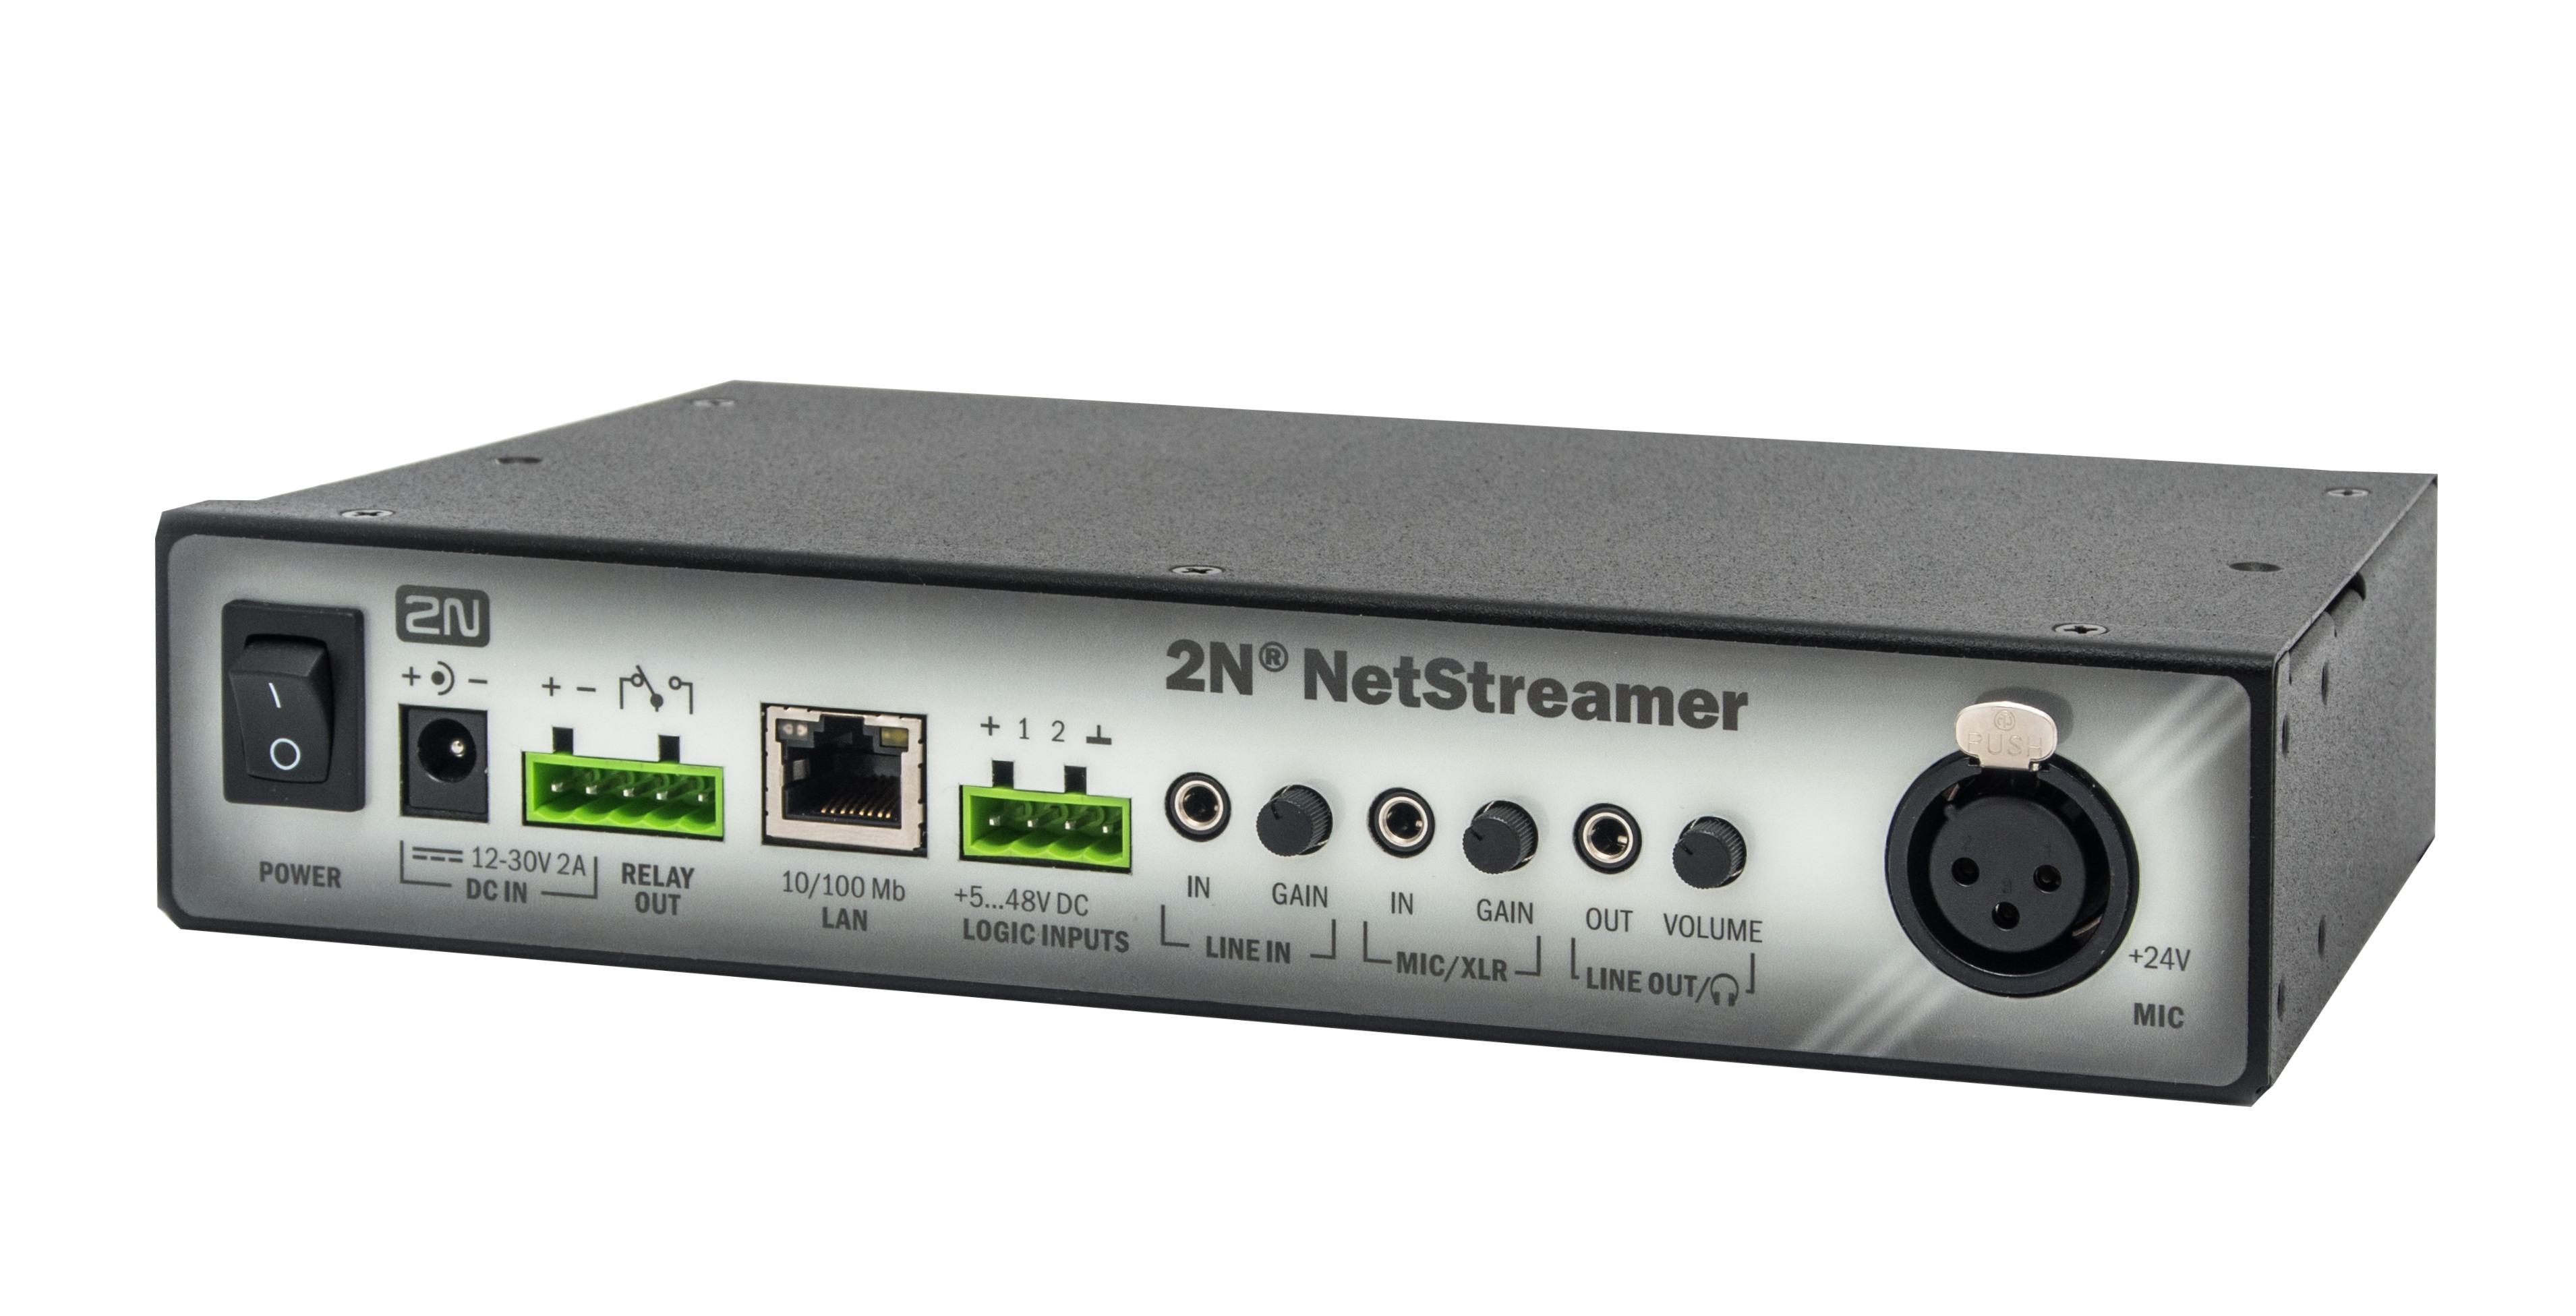 Chytrý konvertor audio signálu2N® NetStreamer je chytré IP zařízení, které dokáže převést tradiční (...